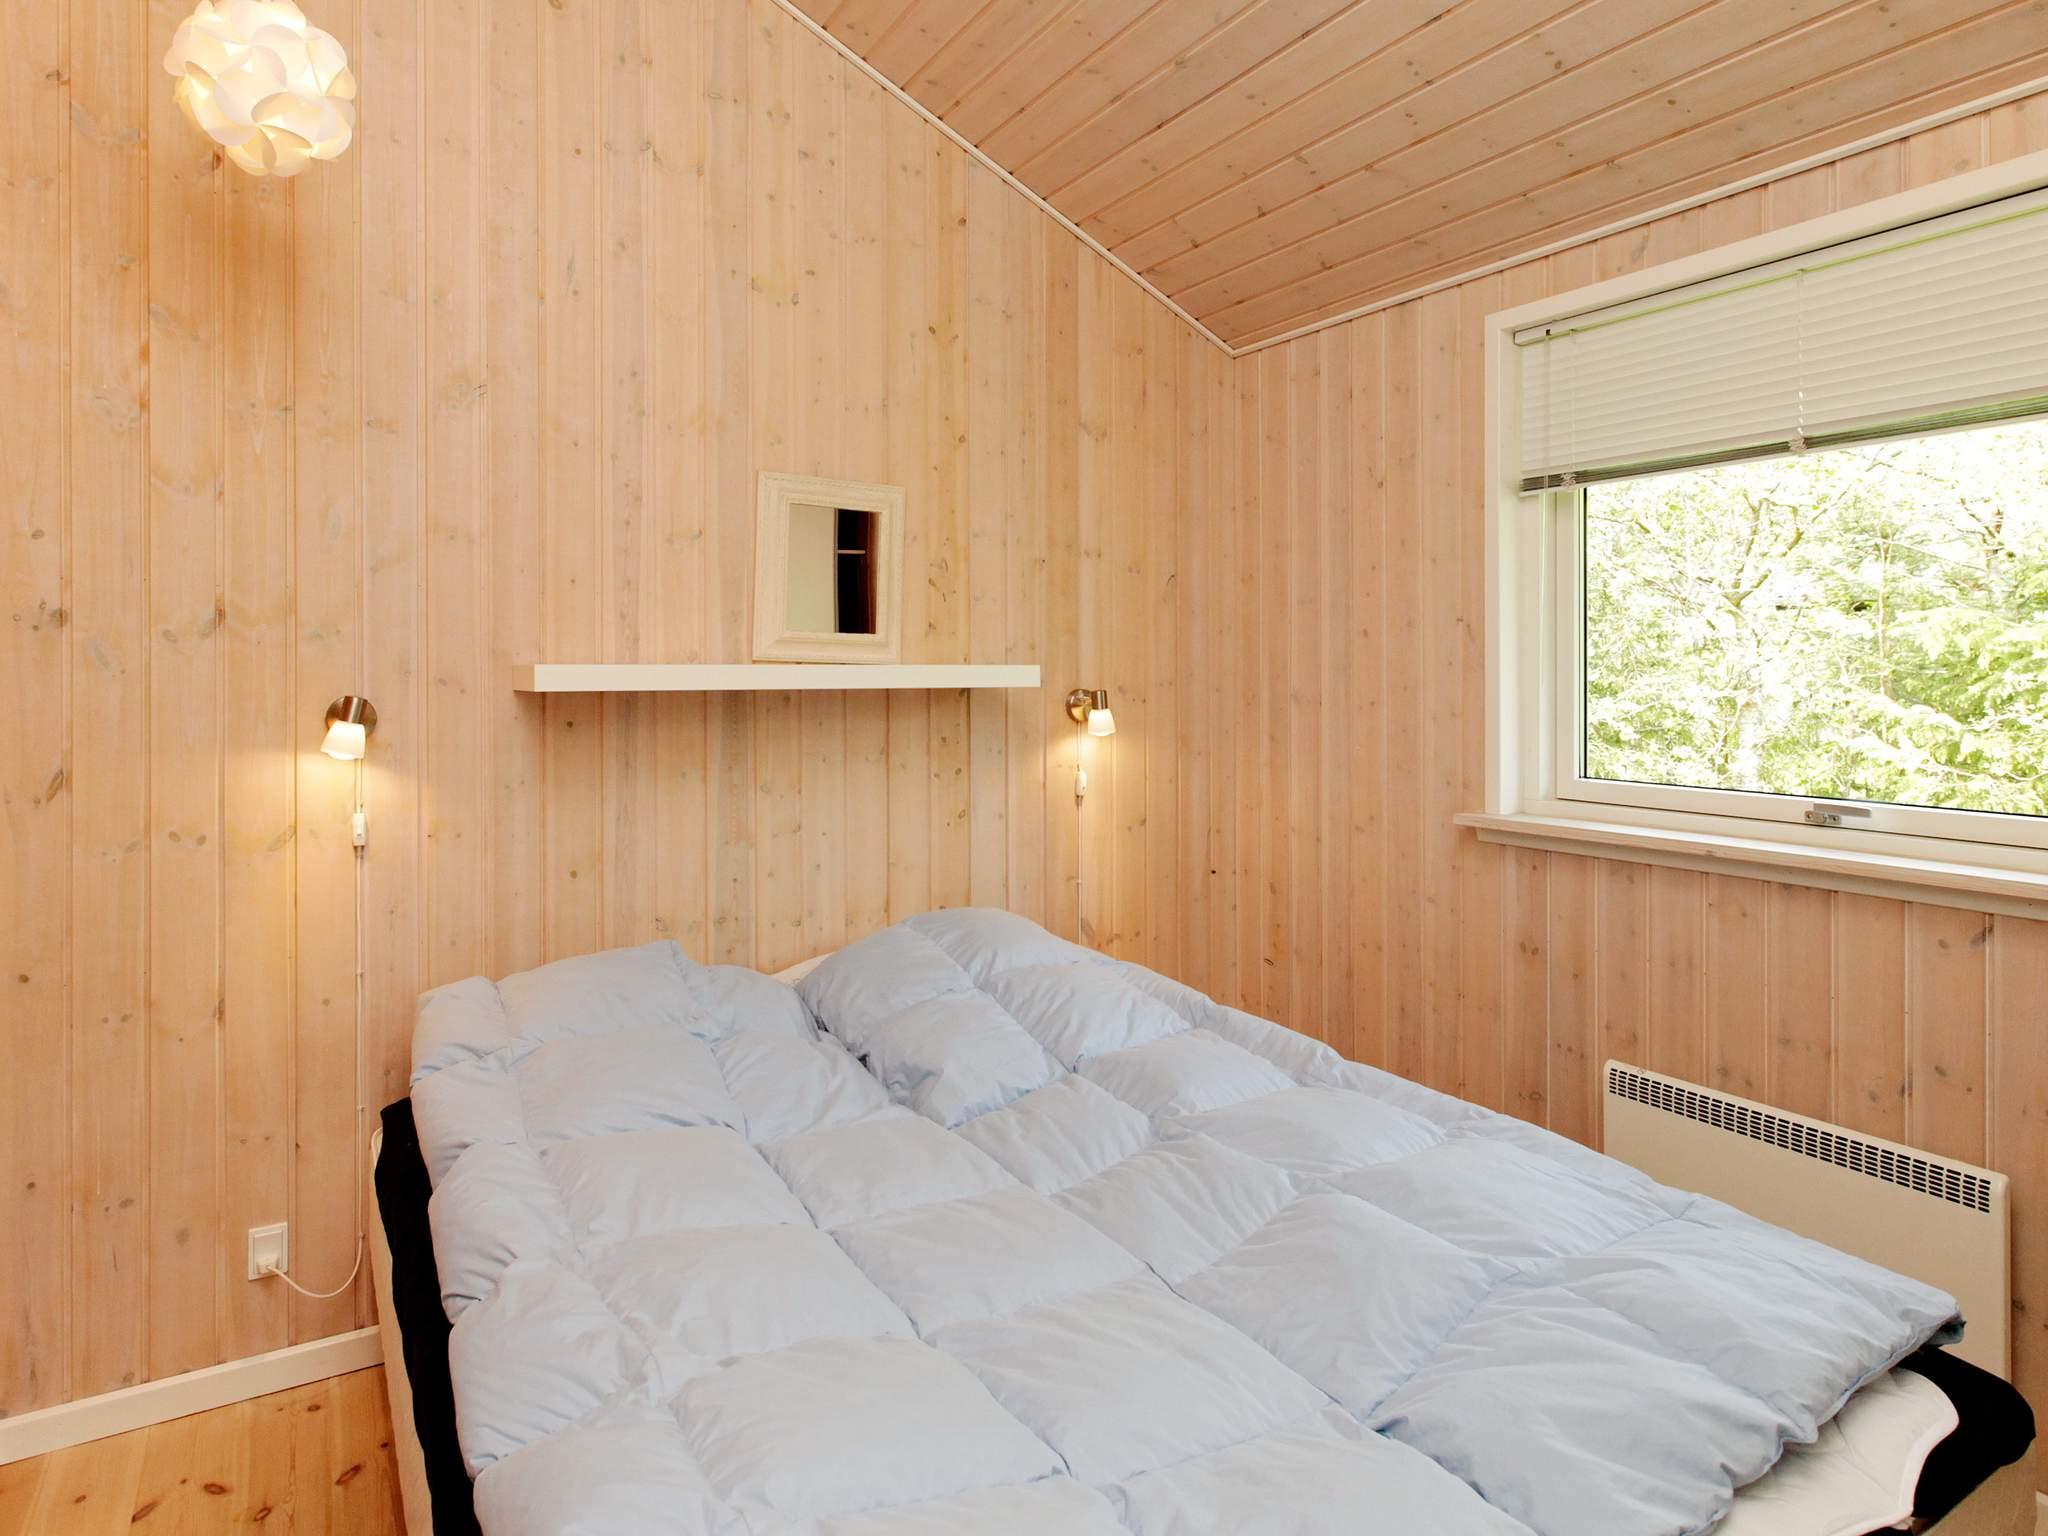 Ferienhaus Lodskovvad (466531), Lodskovvad, , Dänische Nordsee, Dänemark, Bild 9